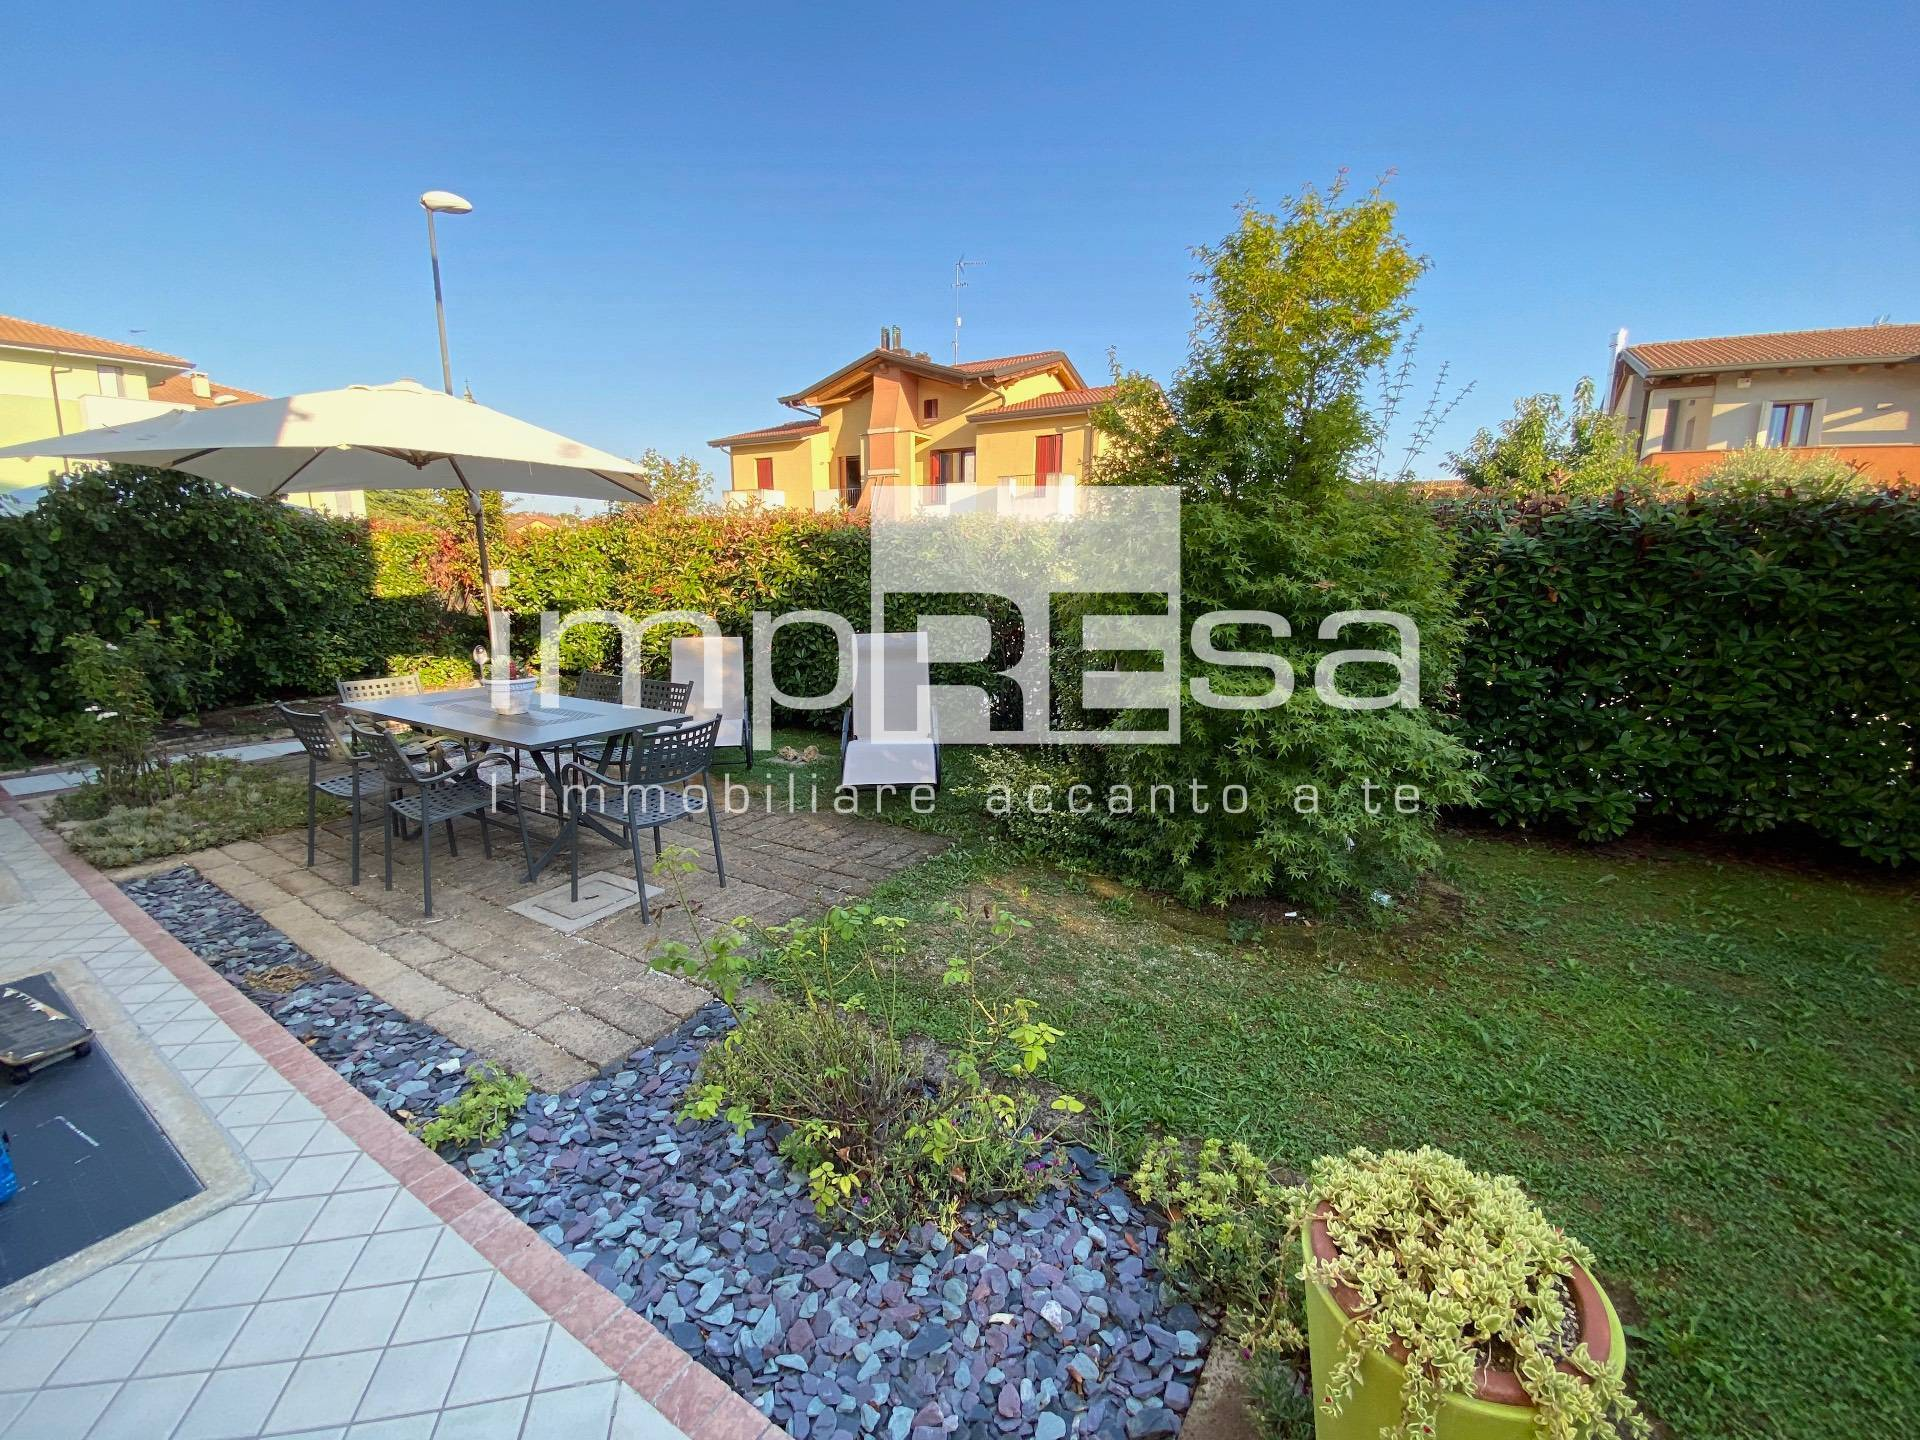 Appartamento in vendita a Spresiano, 5 locali, zona Località: Centro, prezzo € 115.000 | CambioCasa.it